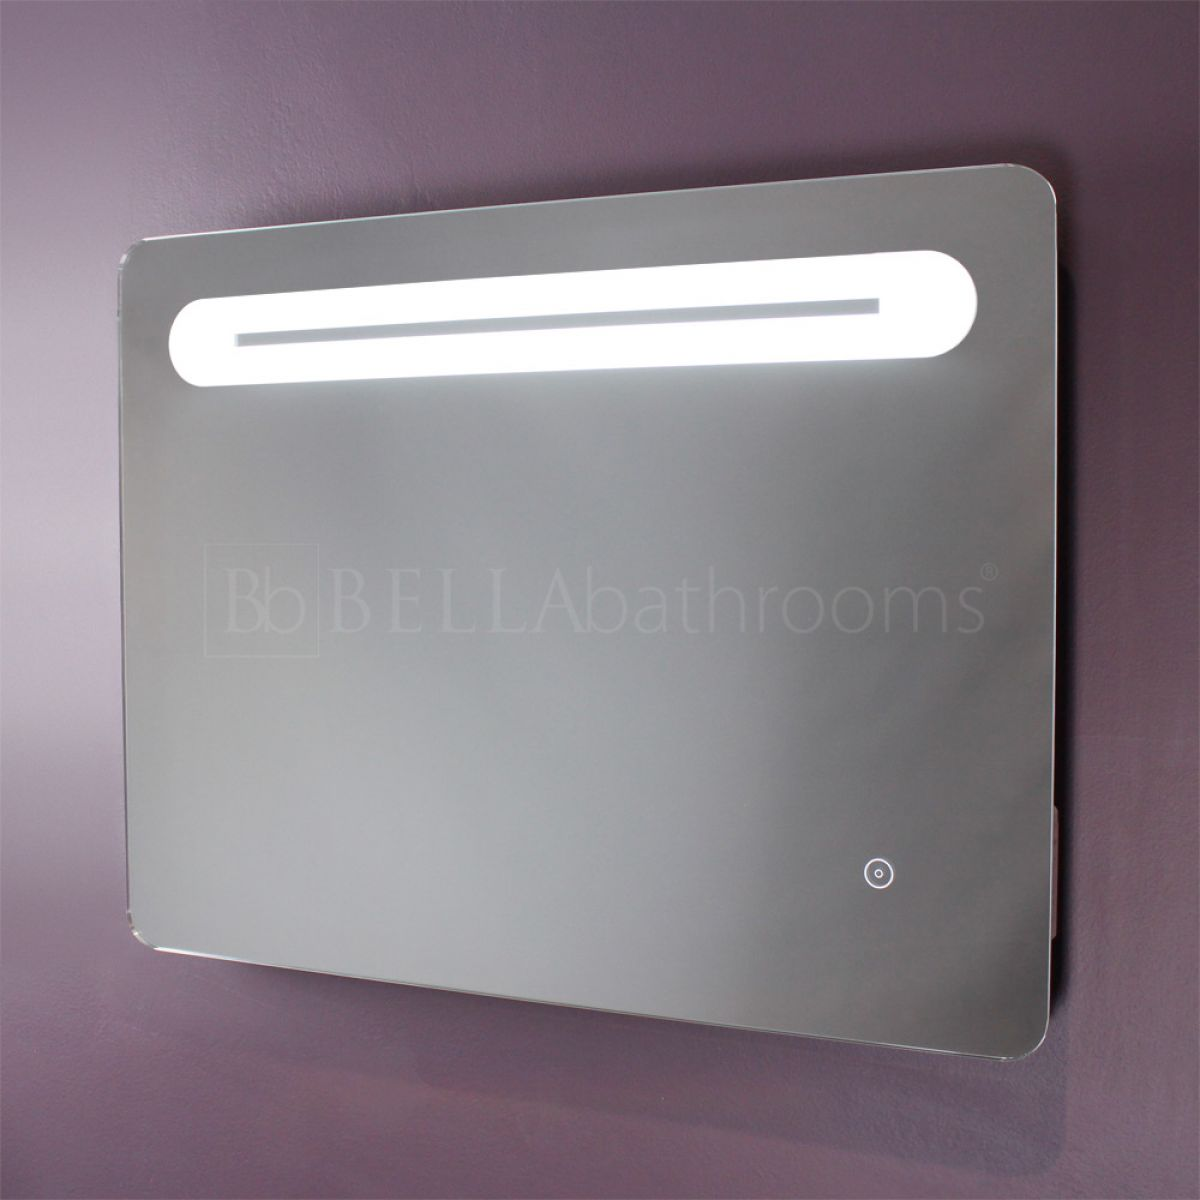 Cassellie Iridium LED Universal Bathroom Mirror